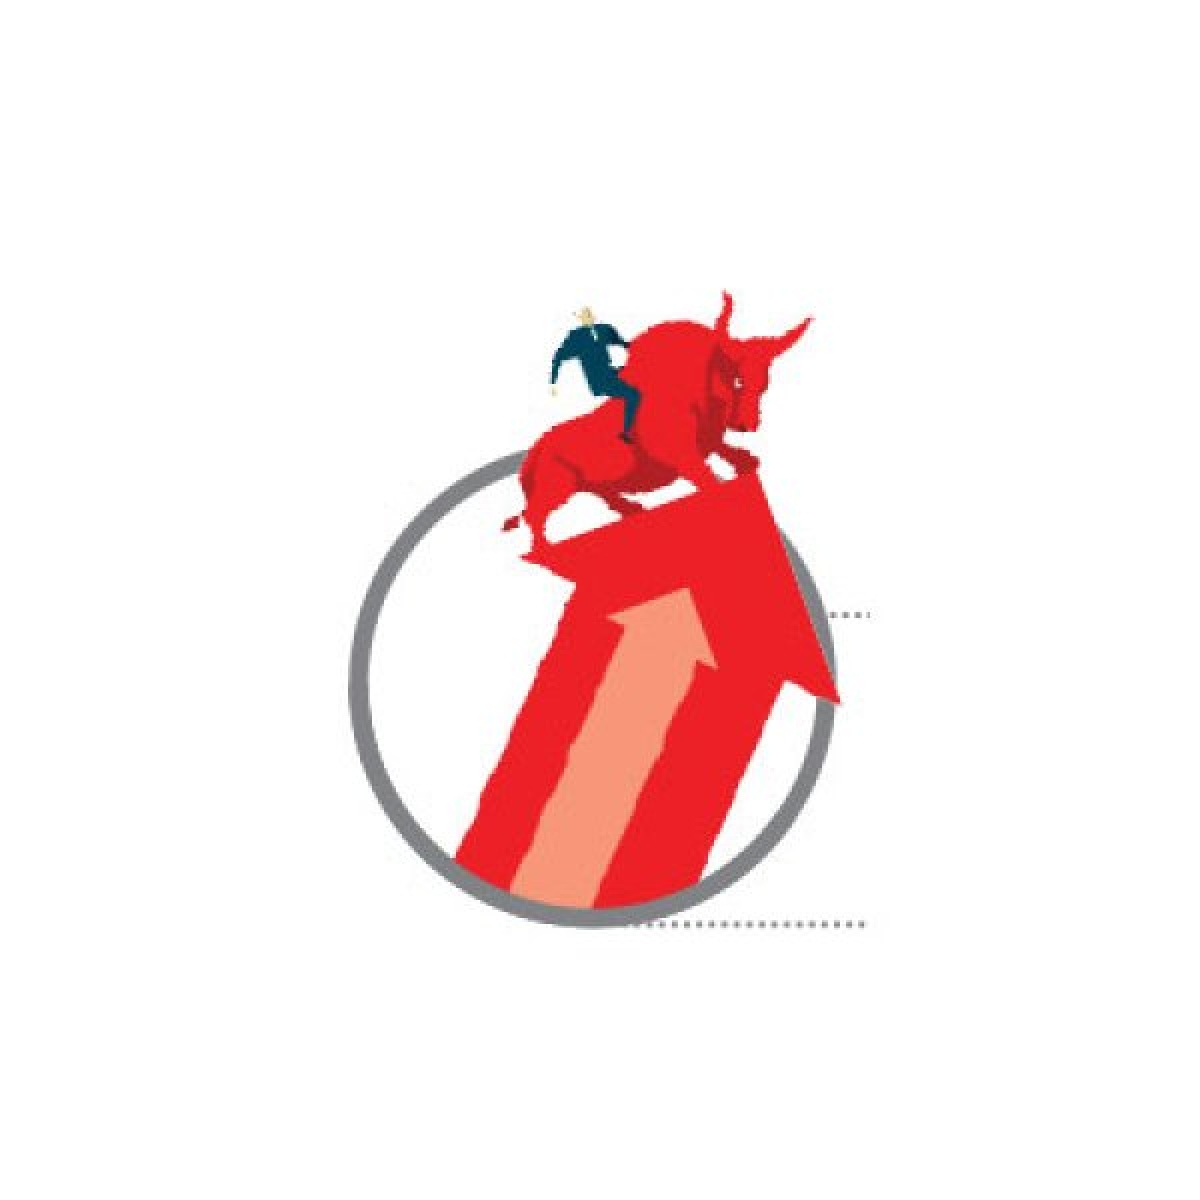 நிஃப்டியின் போக்கு: எக்ஸ்பைரிக்கான மூவ்களையே இந்த வாரம் எதிர்பார்க்கலாம்!